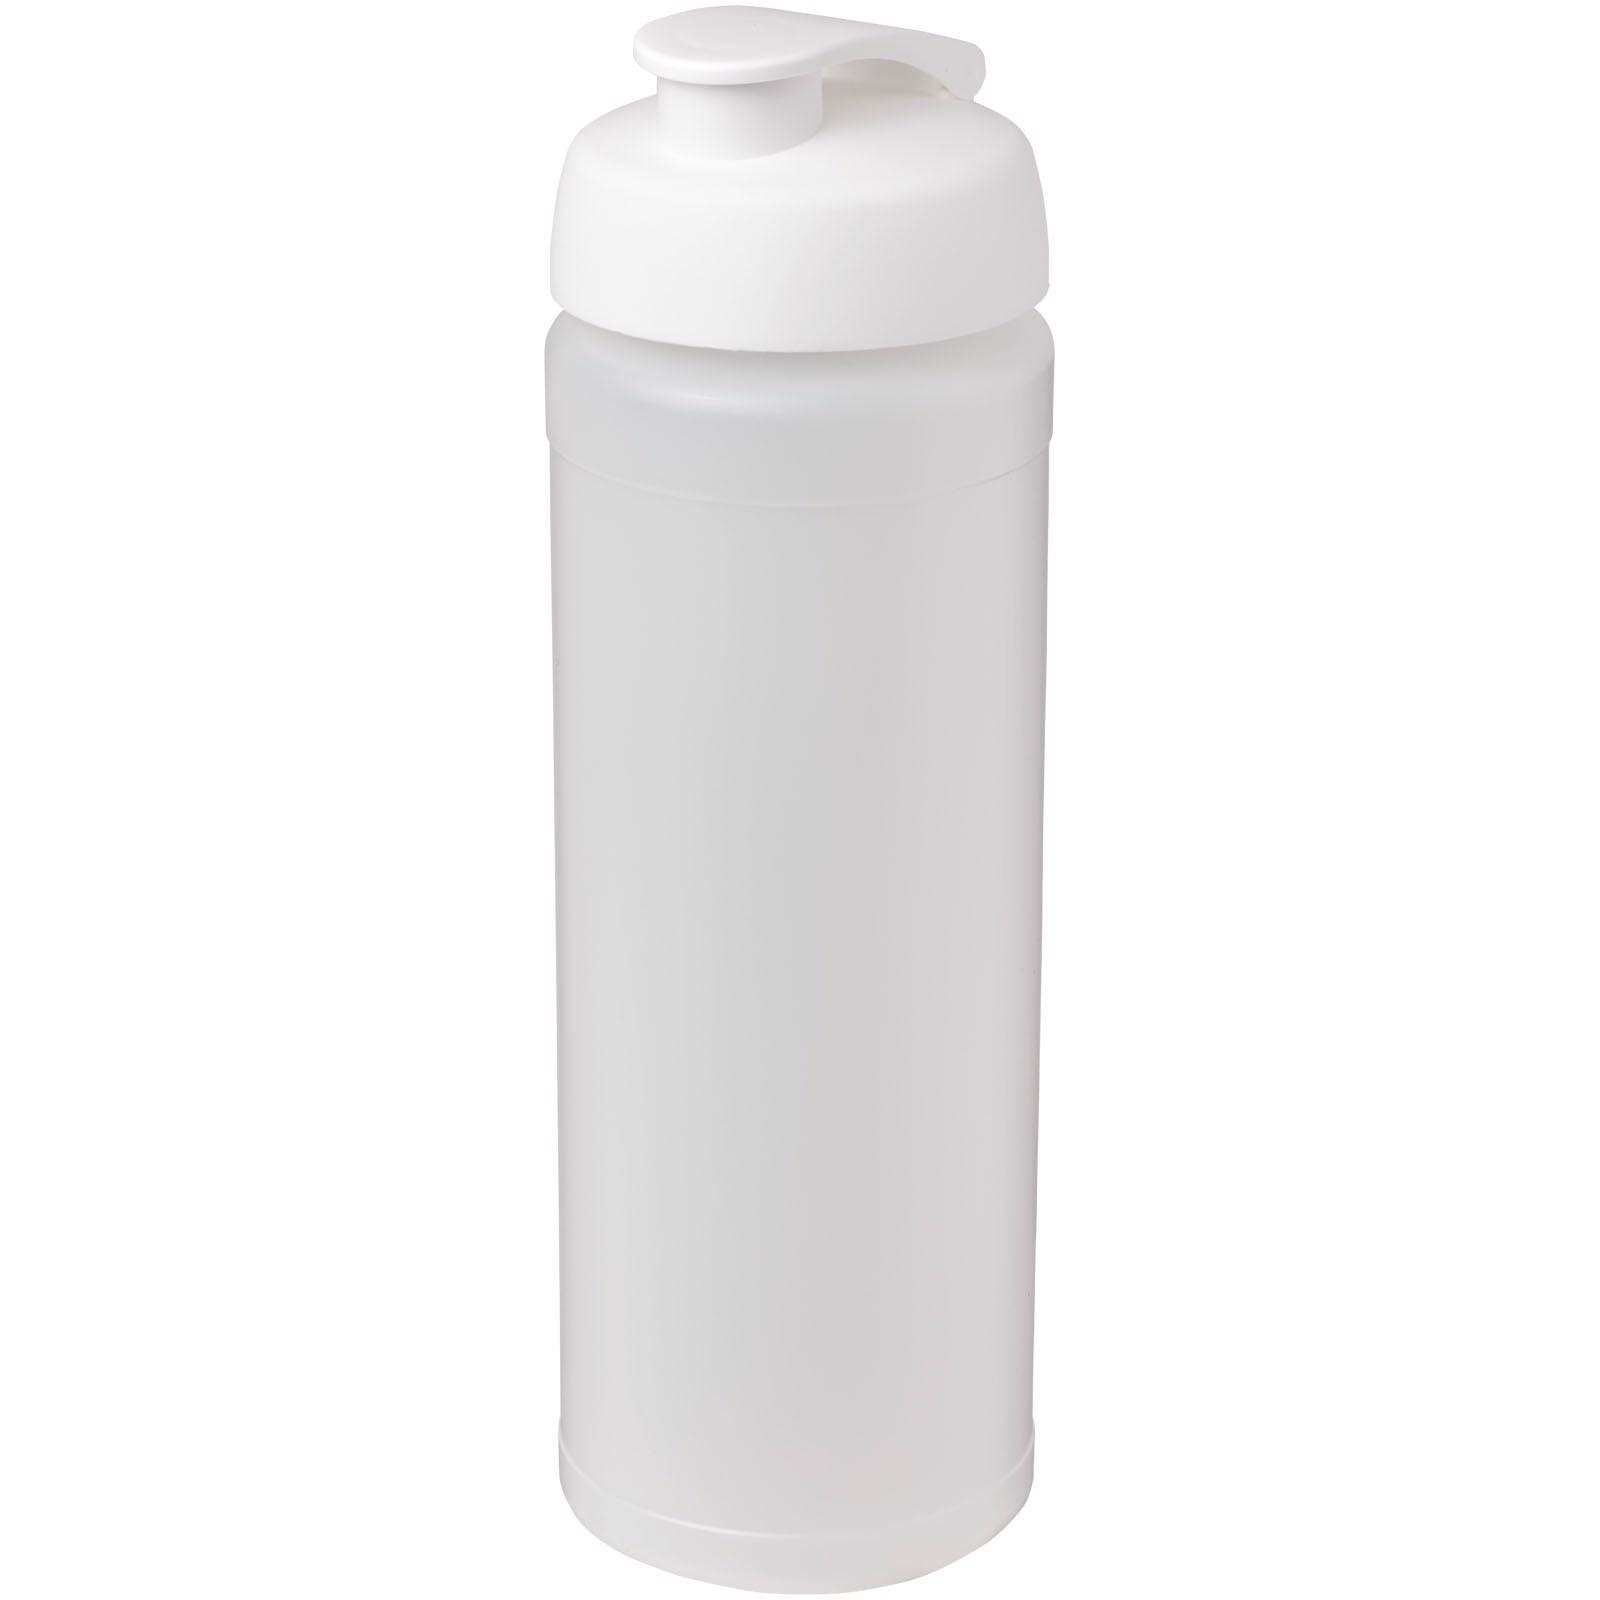 Sportovní láhev s vyklápěcím víčkem Baseline® Plus grip 750 ml - Průhledná / Bílá